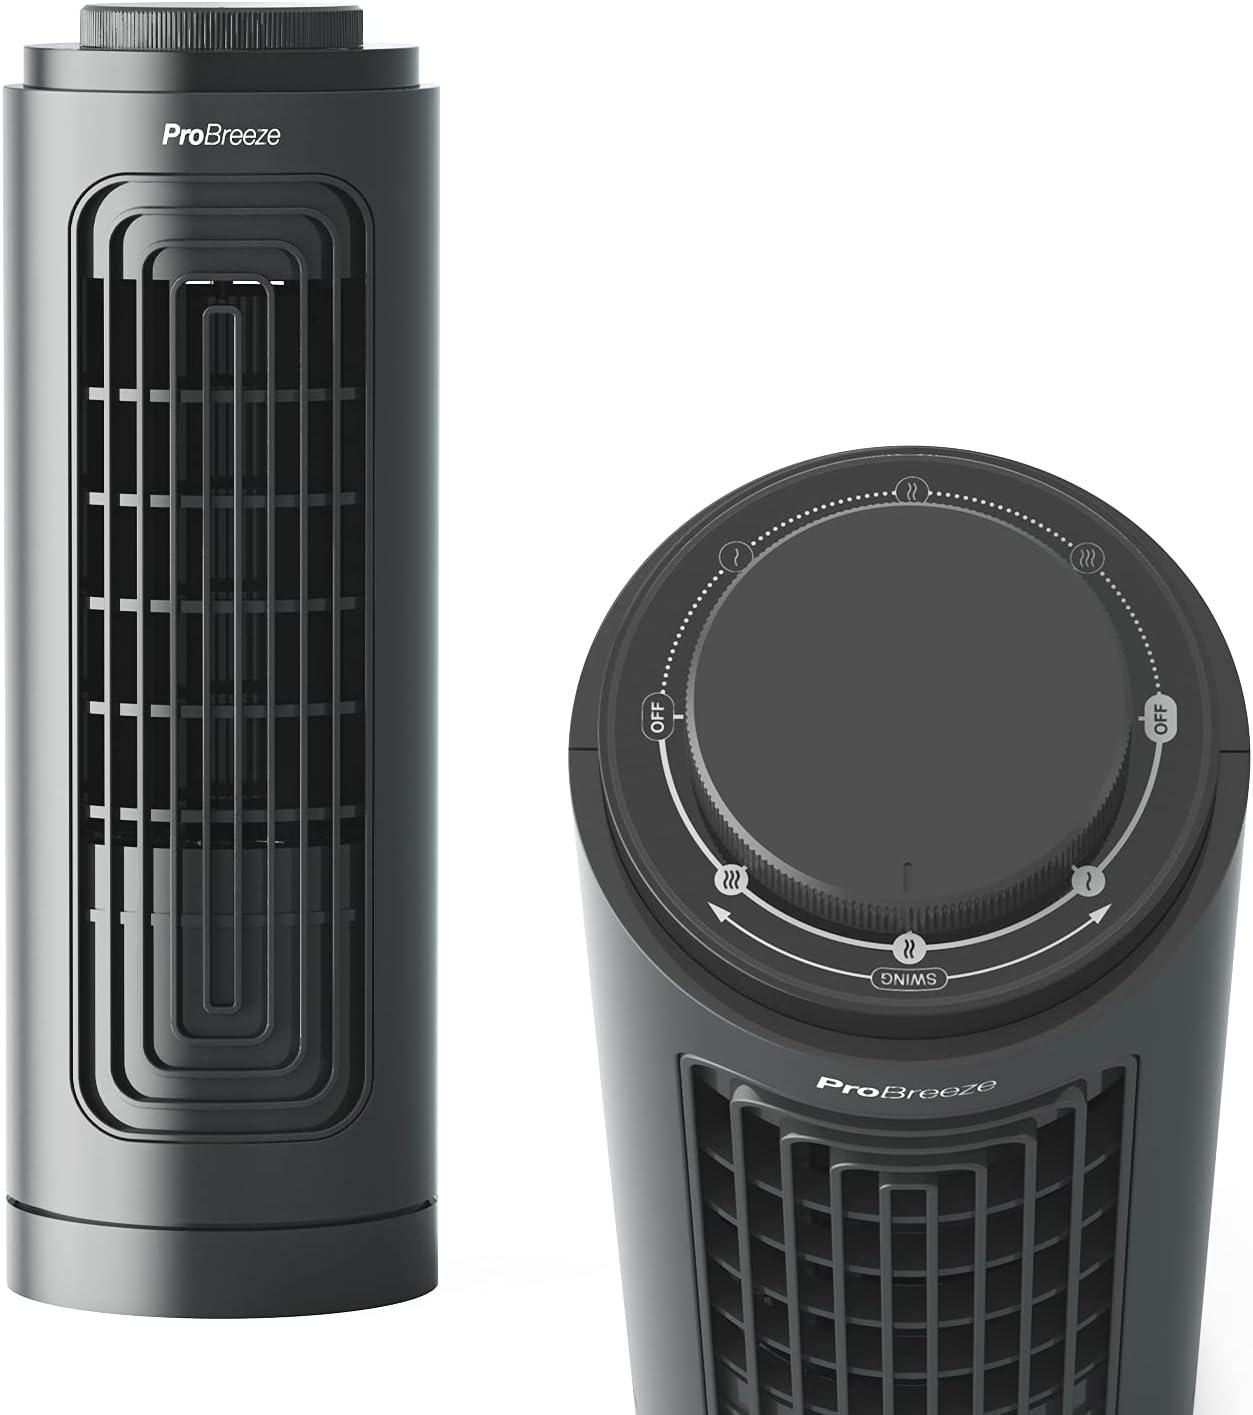 Pro Breeze Ventilador de Torre de Sobremesa de 32,5 cm con 3 Velocidades de Ventilador, Diseño Compacto Portátil, Oscilación Automática y Tecnología de Enfriamiento Silencioso